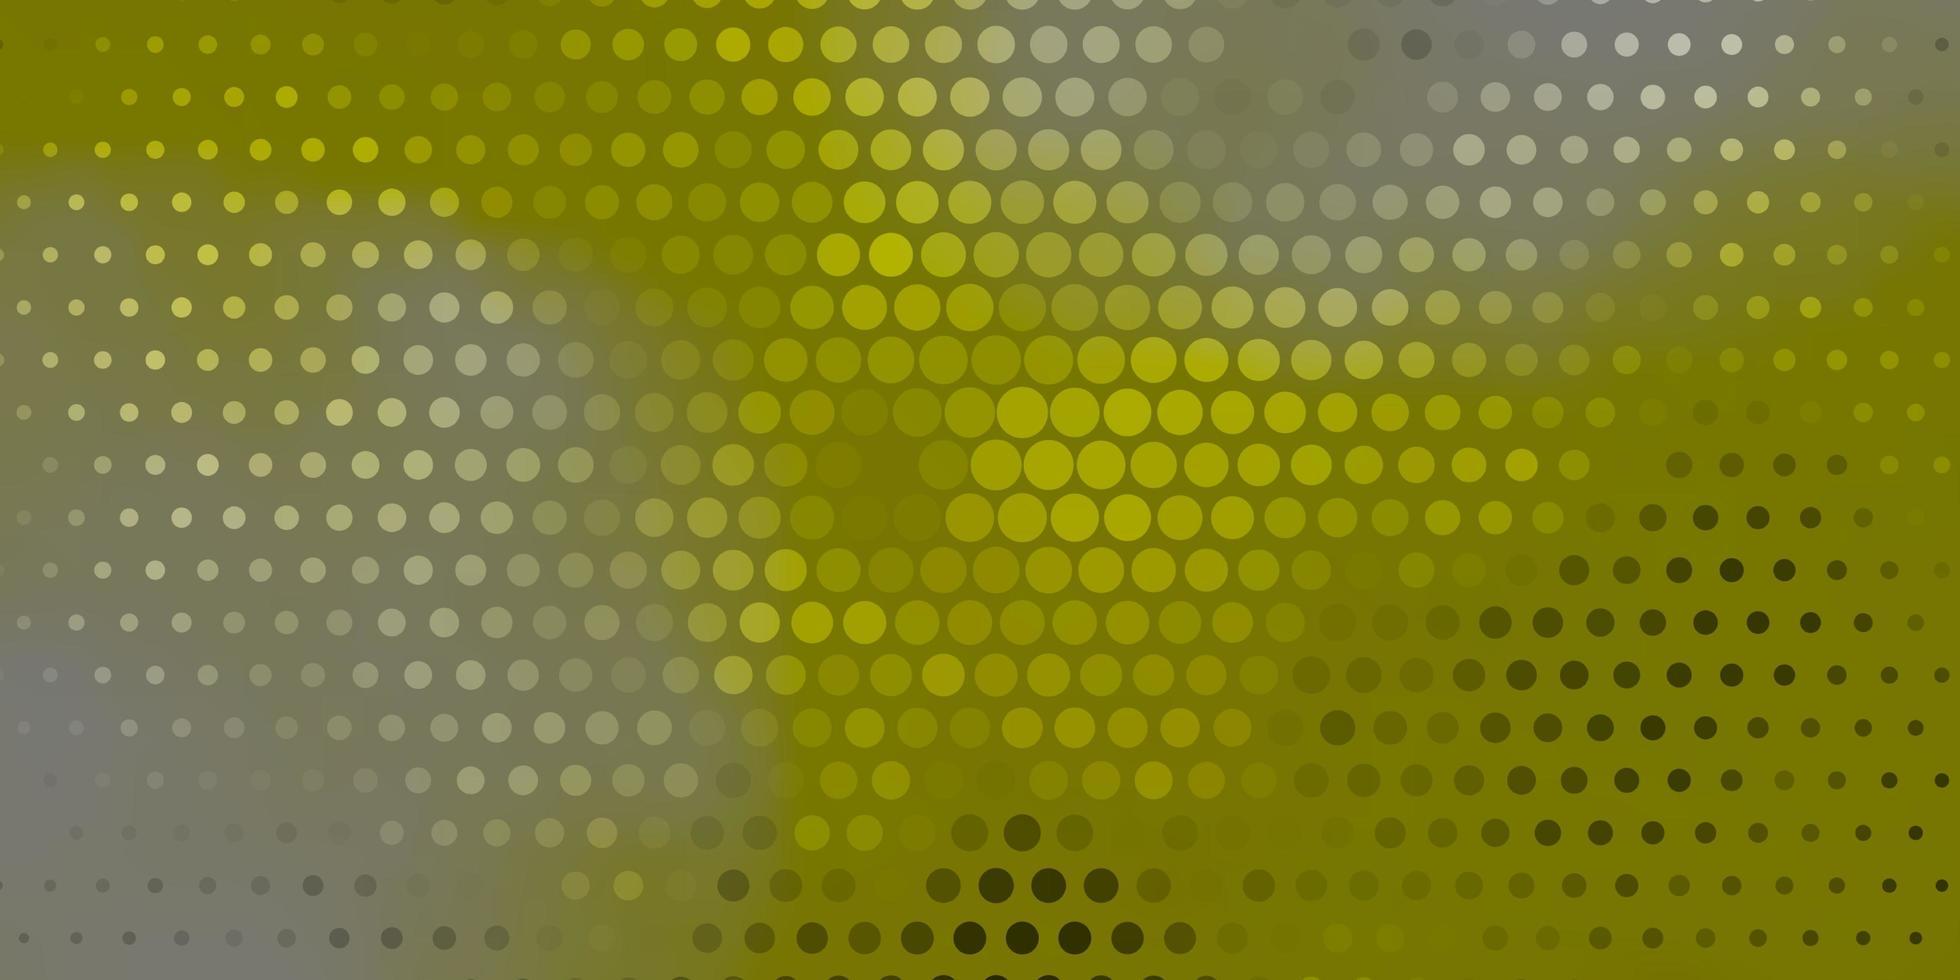 groene lay-out met cirkelvormen. vector